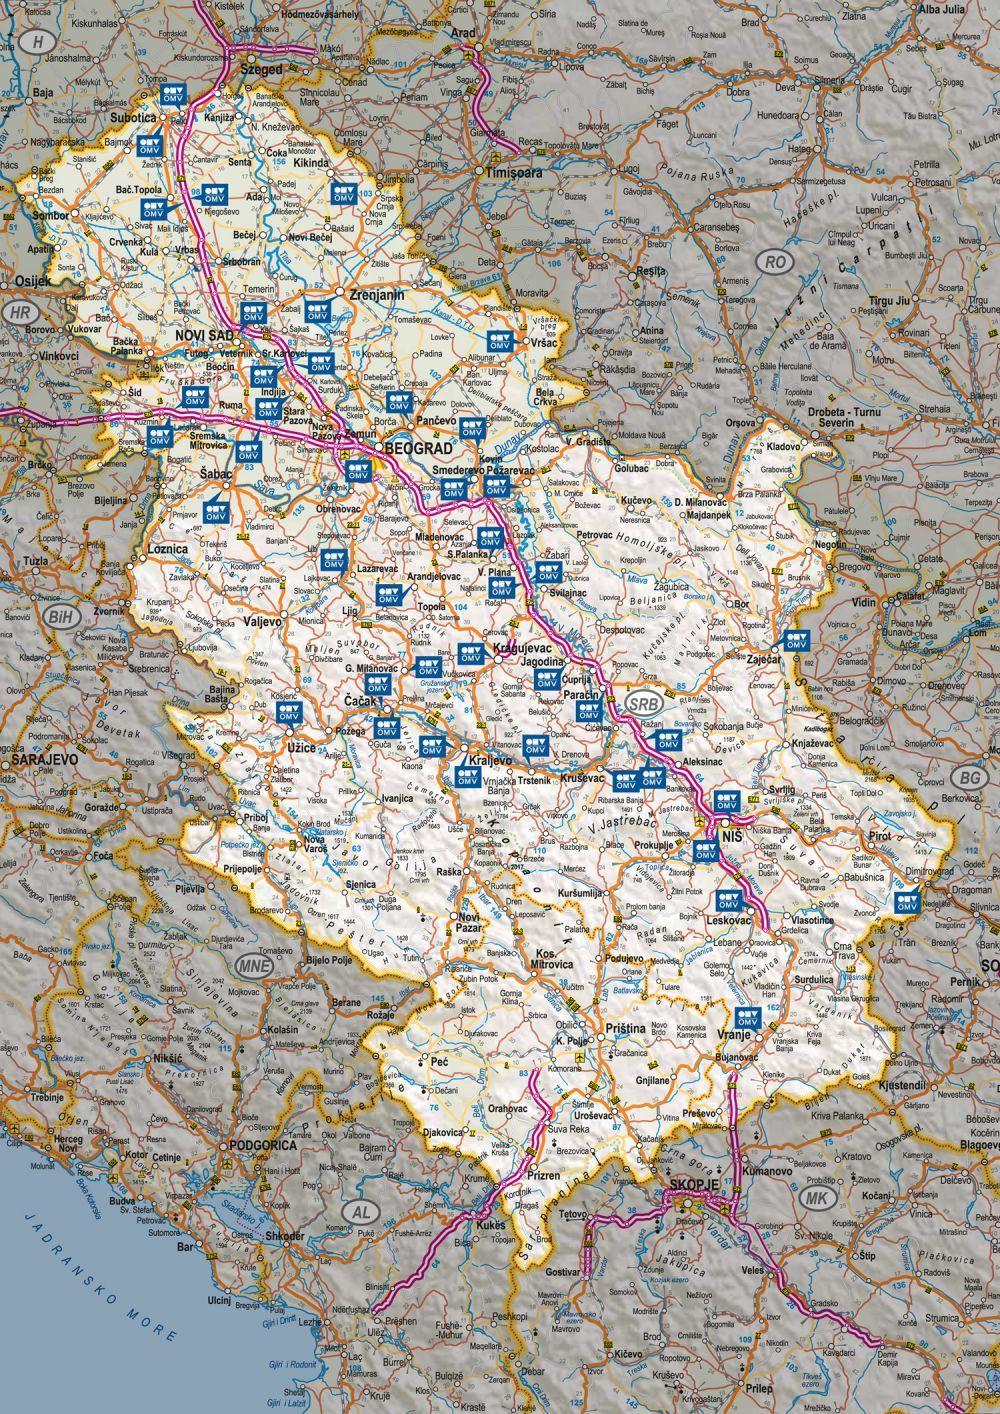 mol pumpe srbija mapa Najveća mreža stanica sa benzinom od 100 oktana | Mojauto mol pumpe srbija mapa